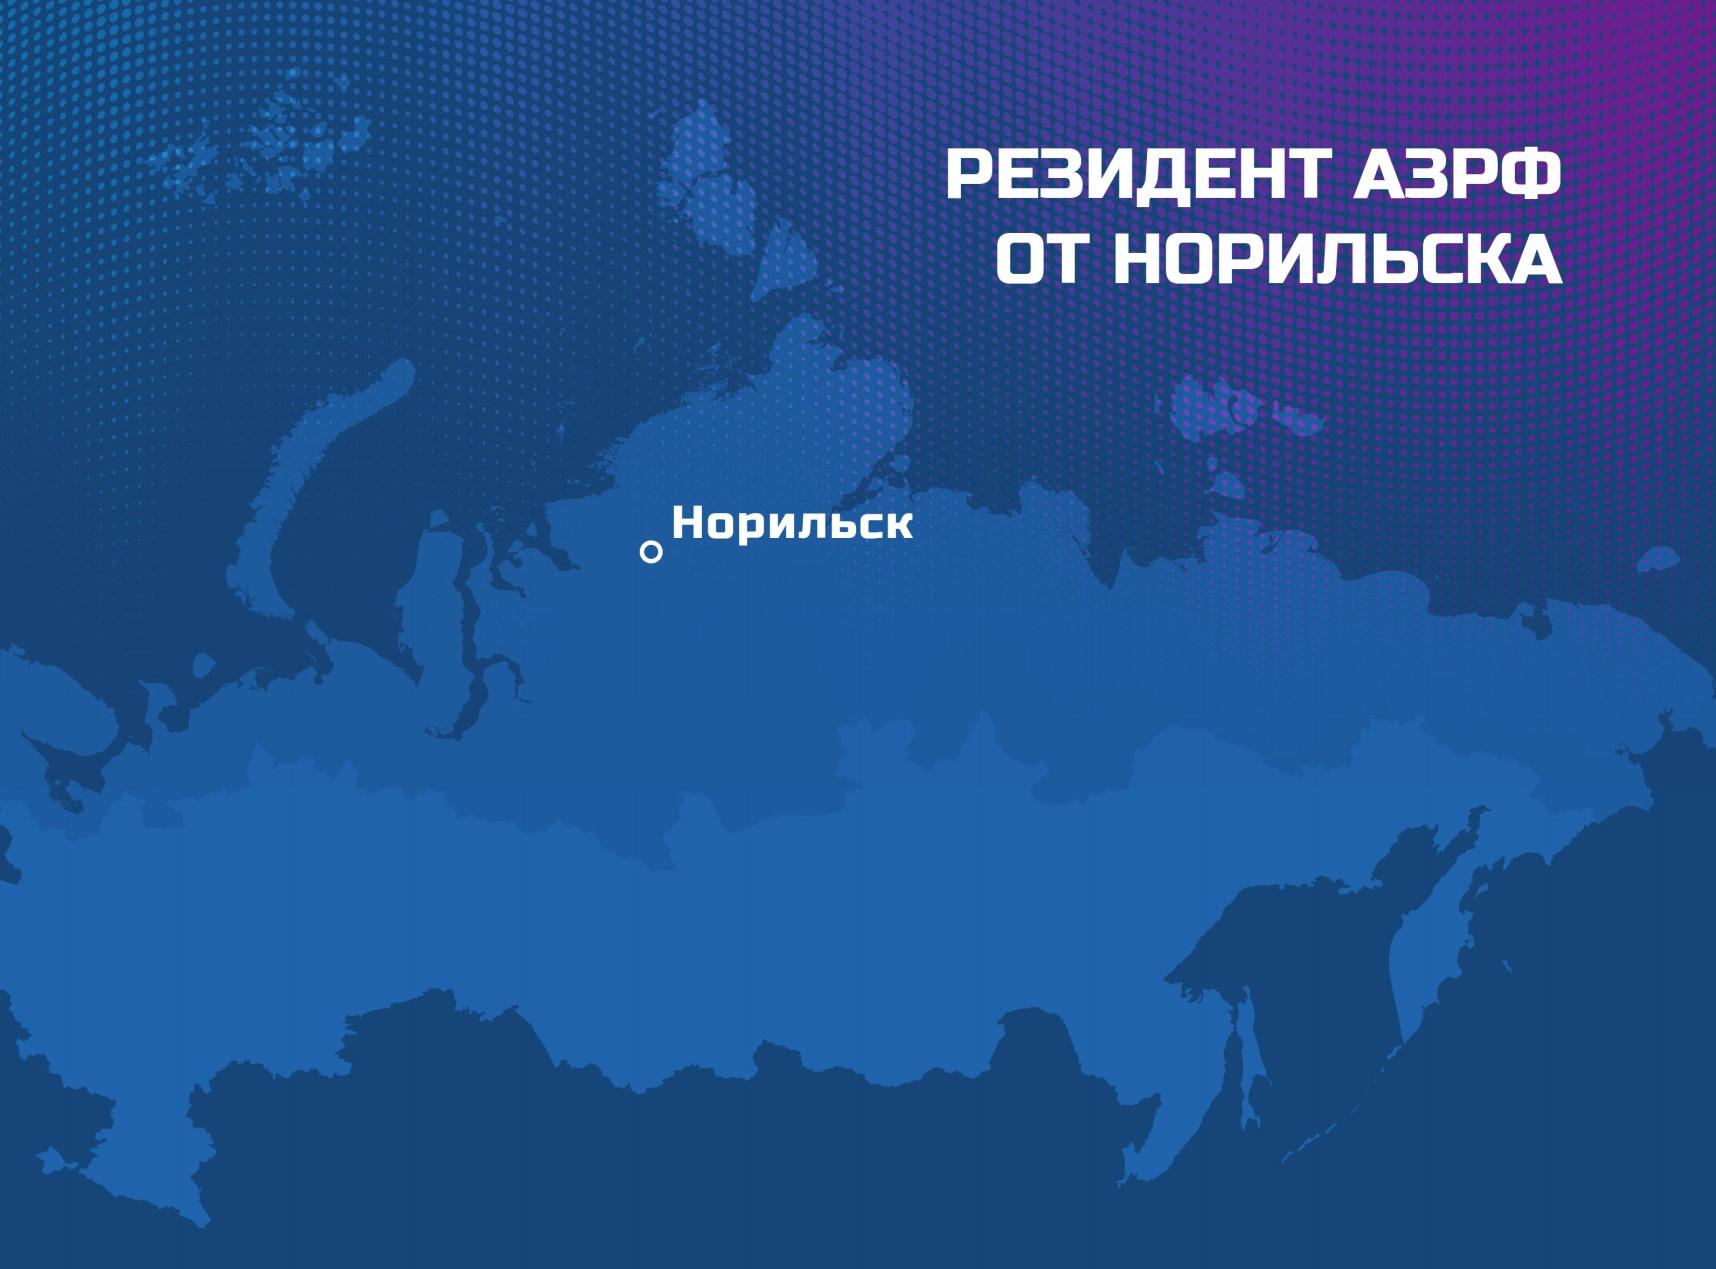 Как получить статус резидента АЗ РФ, расскажем на online-консультации